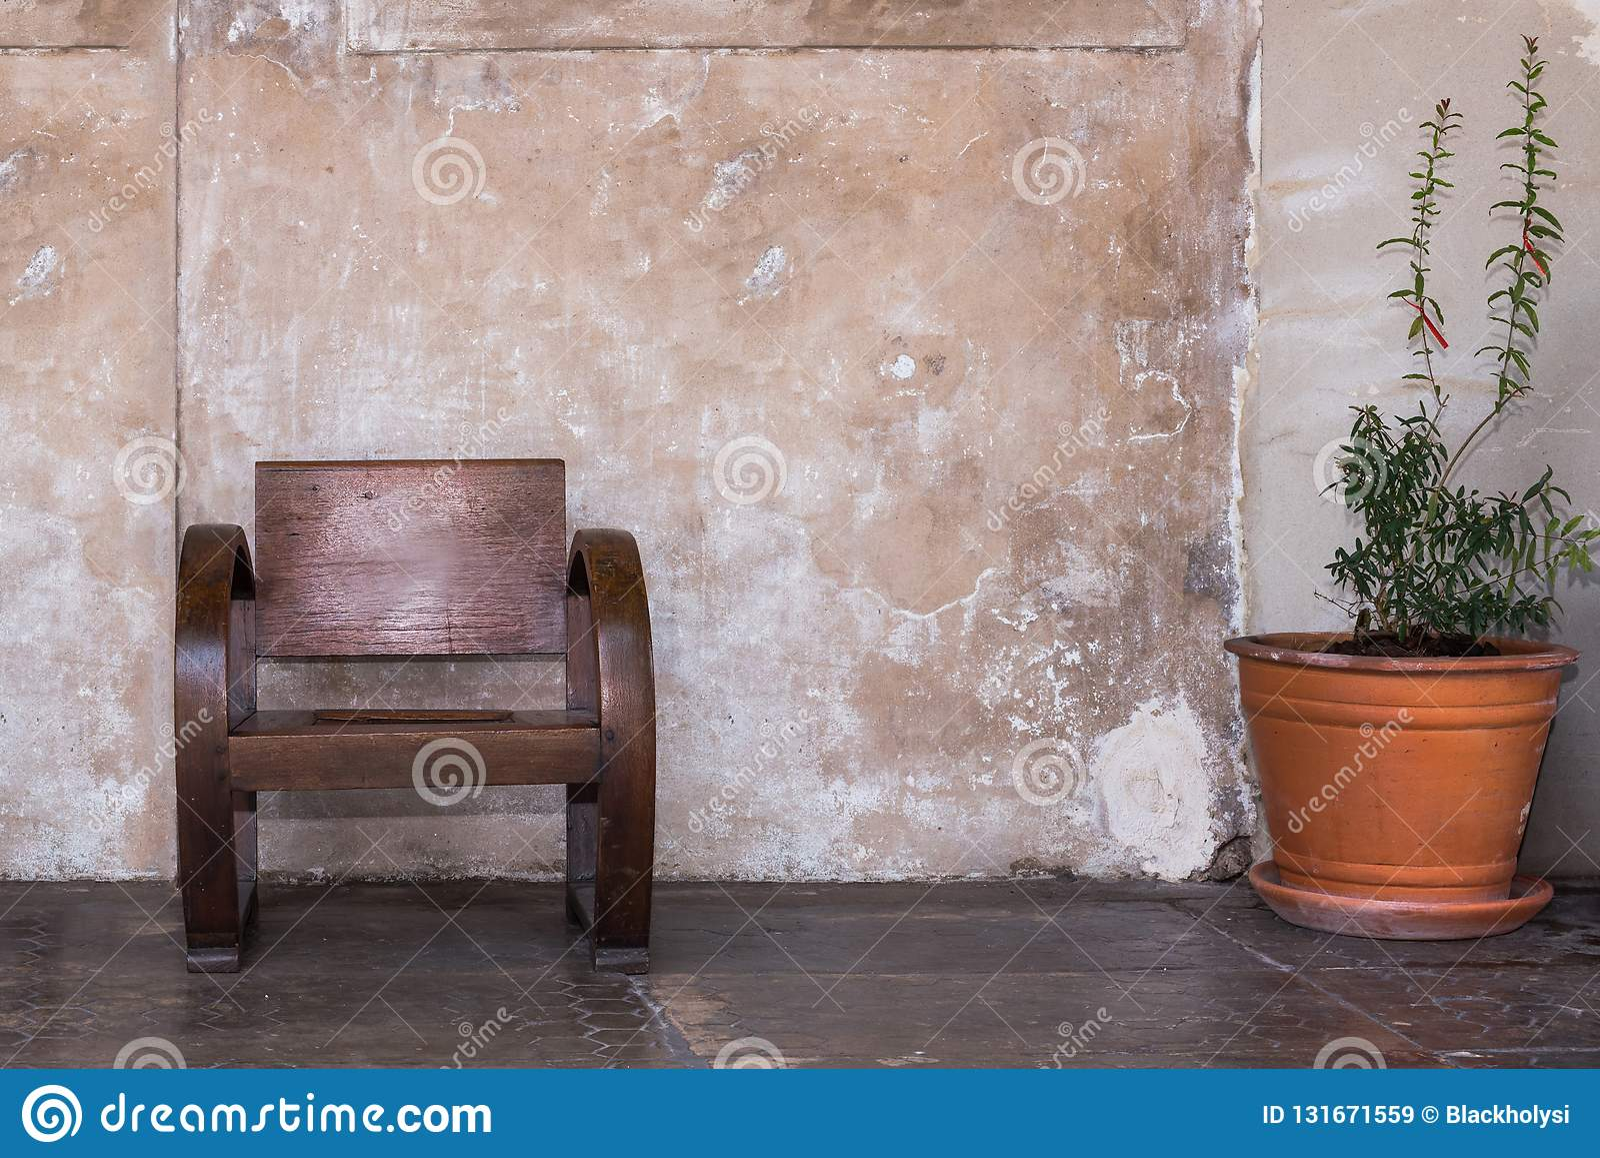 Träantik stol